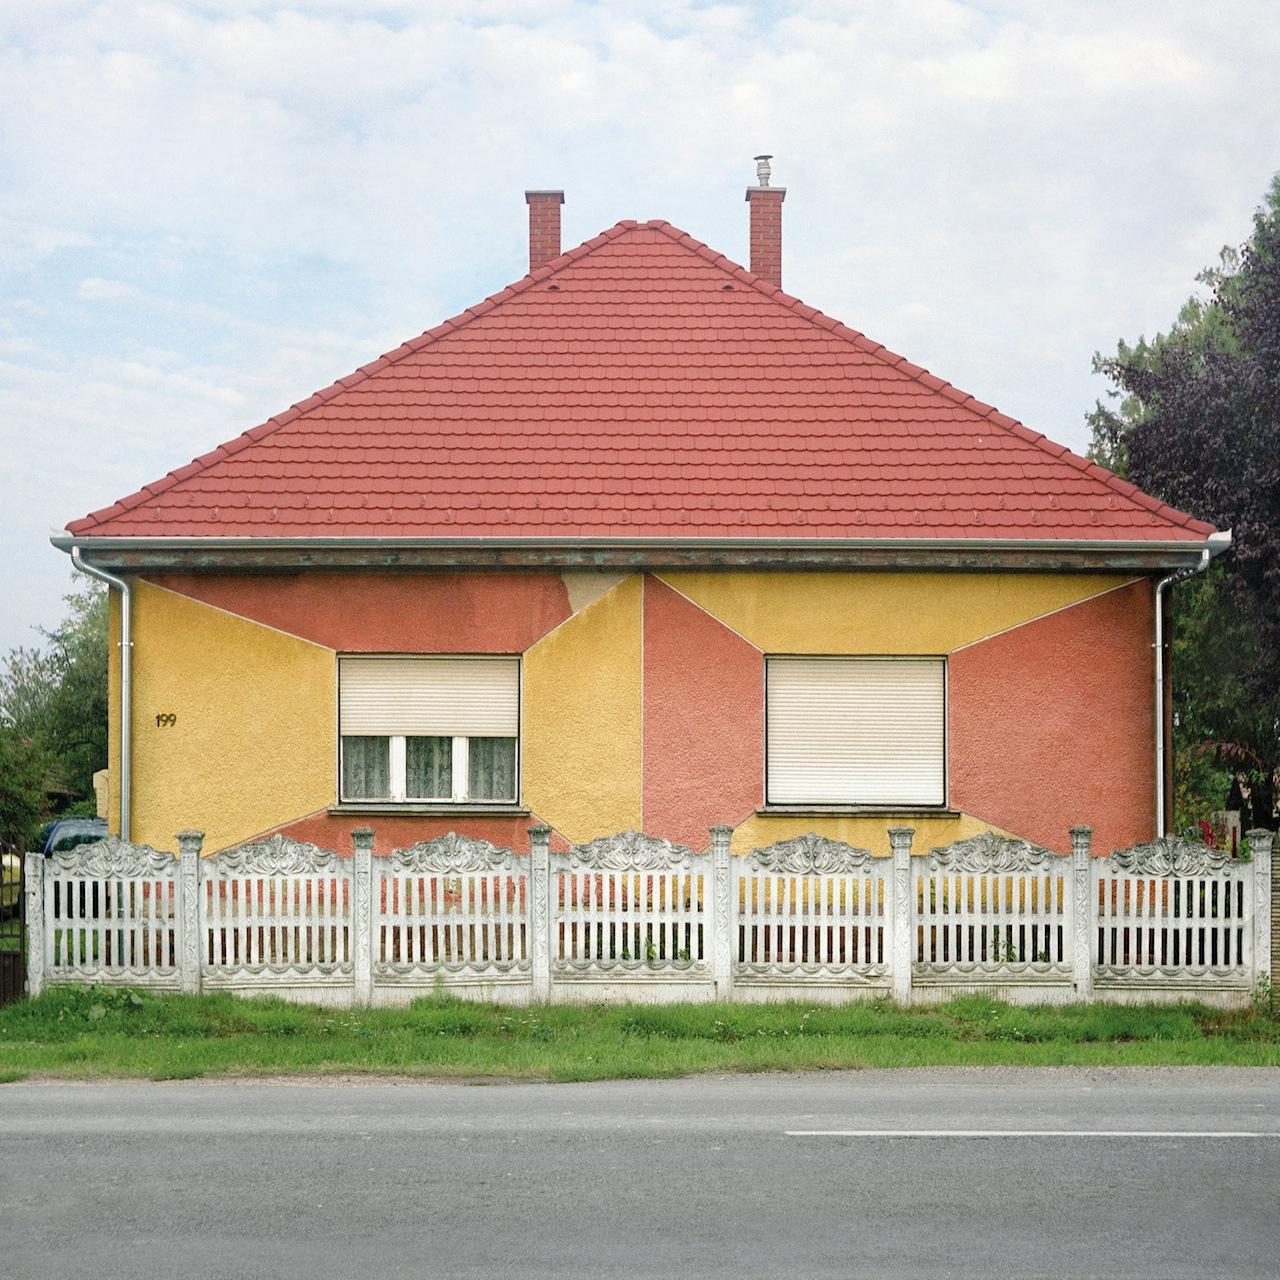 Kaposvár-Toponár (© Katharina Roters)